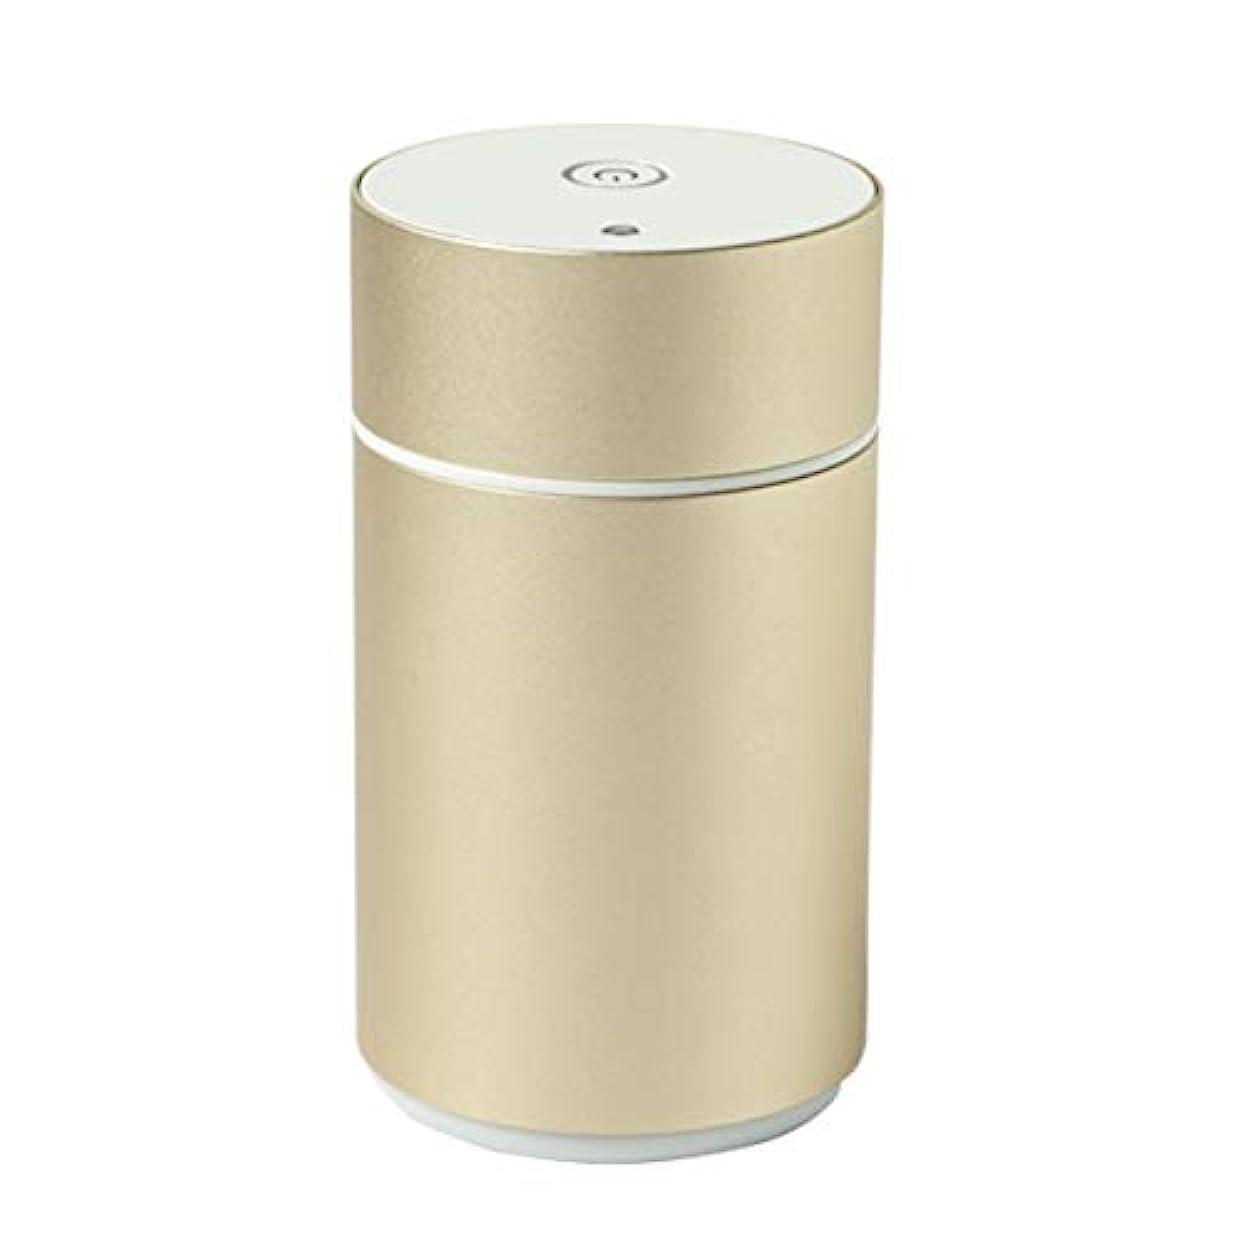 作りベッド海外生活の木 アロモア ミニ ゴールド (aromore mini gold) (エッセンシャルオイルディフューザー) (圧縮微粒子式アロマディフューザー)